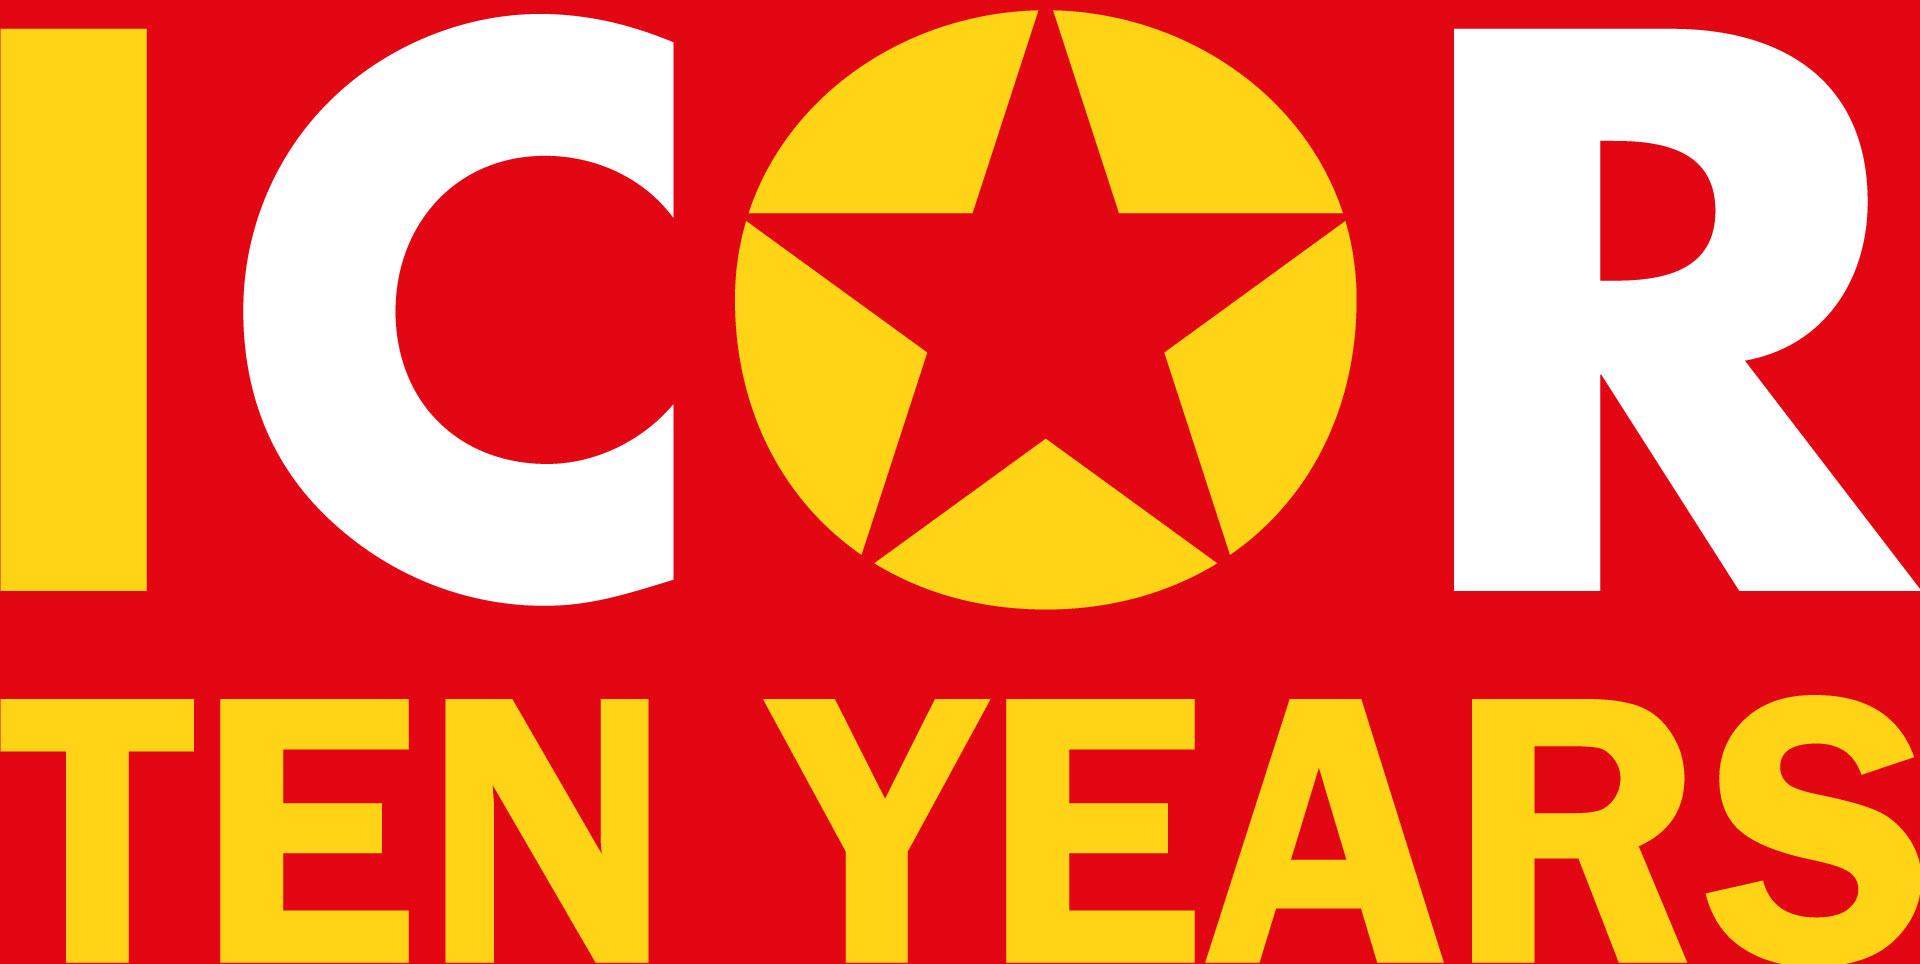 Vive l'ICOR en tant qu'organisation prolétarienne pratique, travaillant pour l'unification politique et idéologique